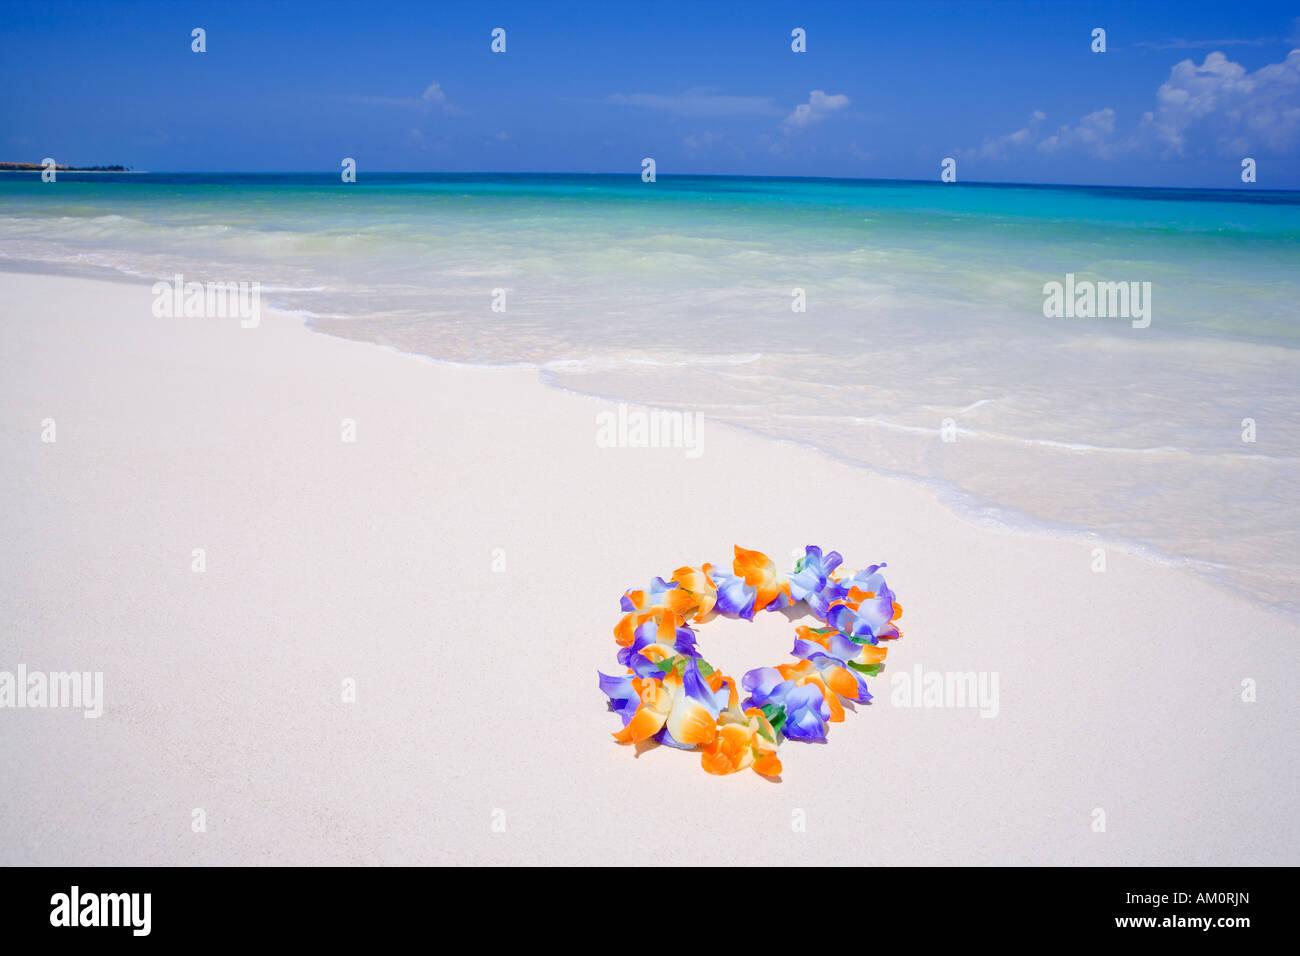 Colorido collar lei floral en la playa en Playa del Carmen, Riviera Maya, México Imagen De Stock